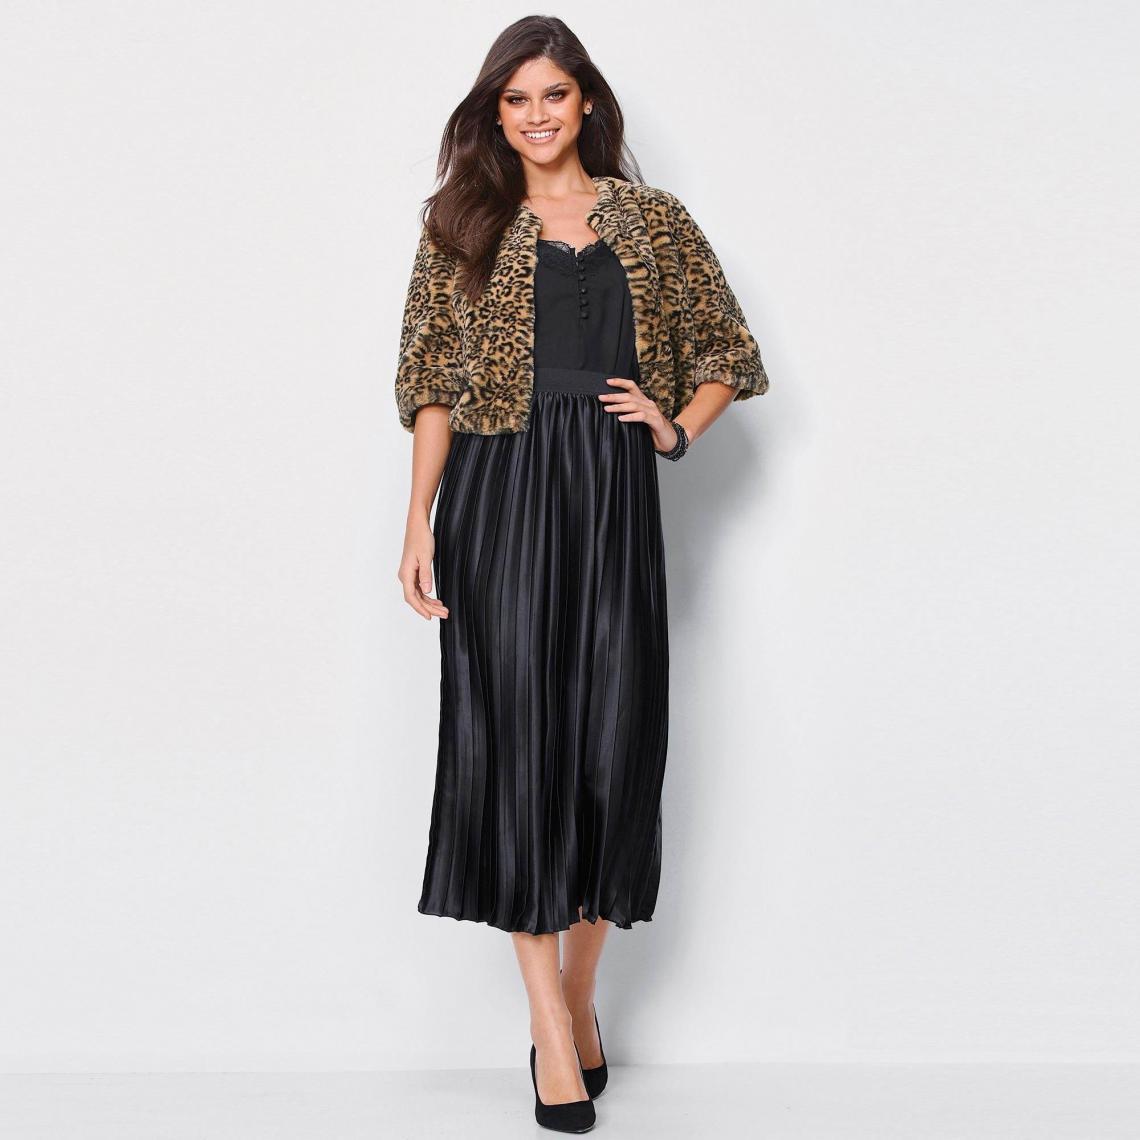 66368cedca0afd Jupe longue plissée doublée taille élastique femme - Noir | 3 SUISSES